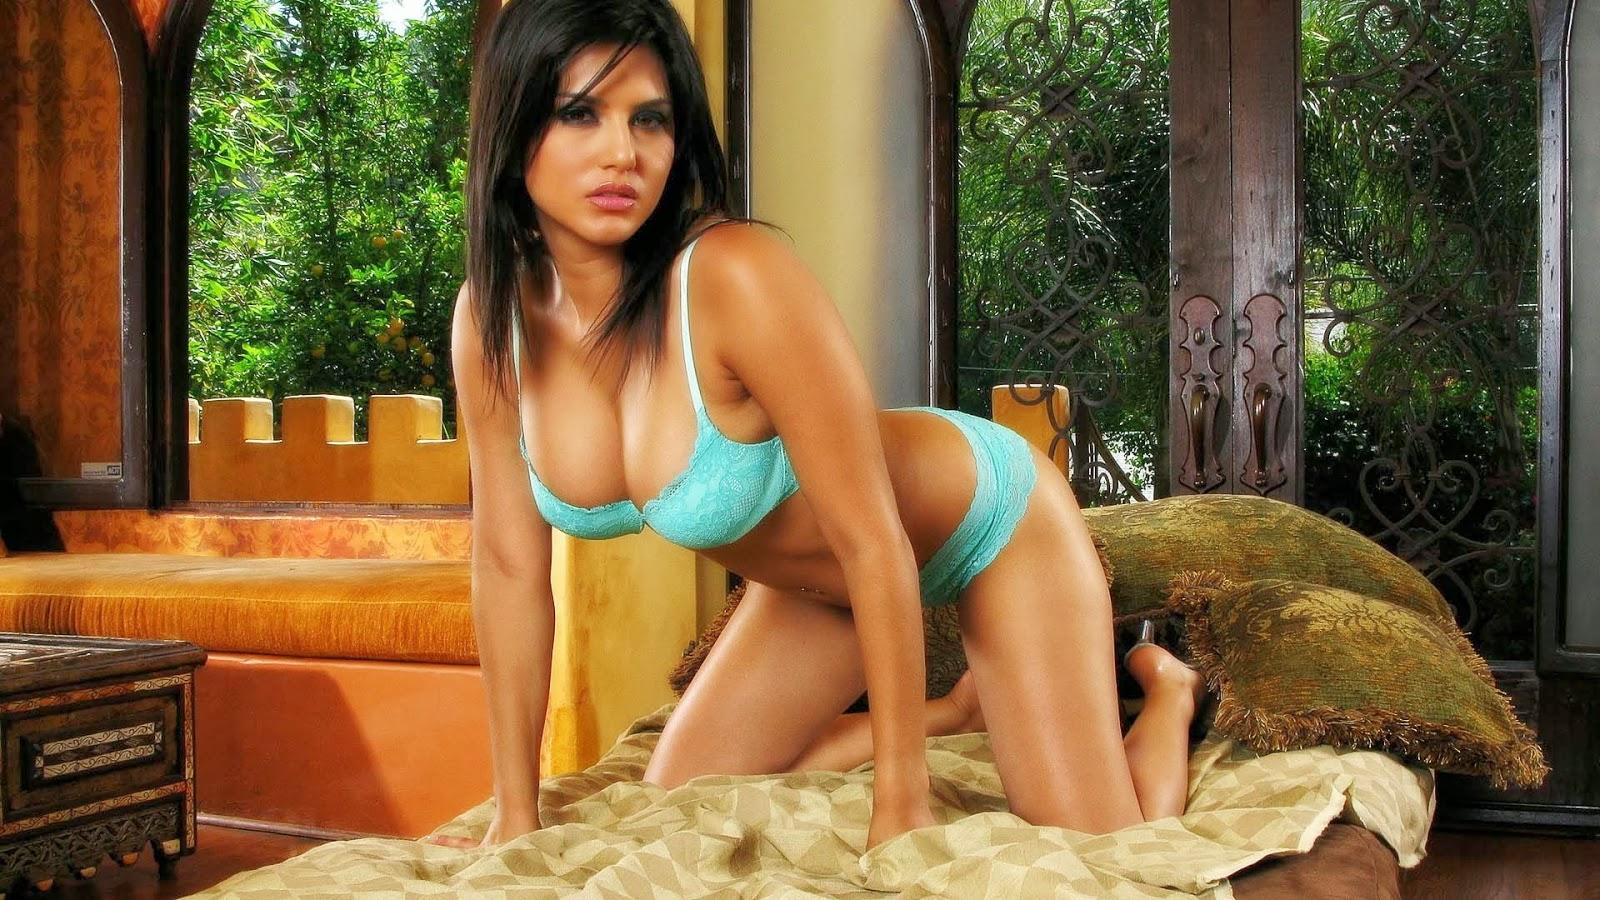 Hot and Sexy Sunny Leone in Bikini HD Desktop Wallpaper